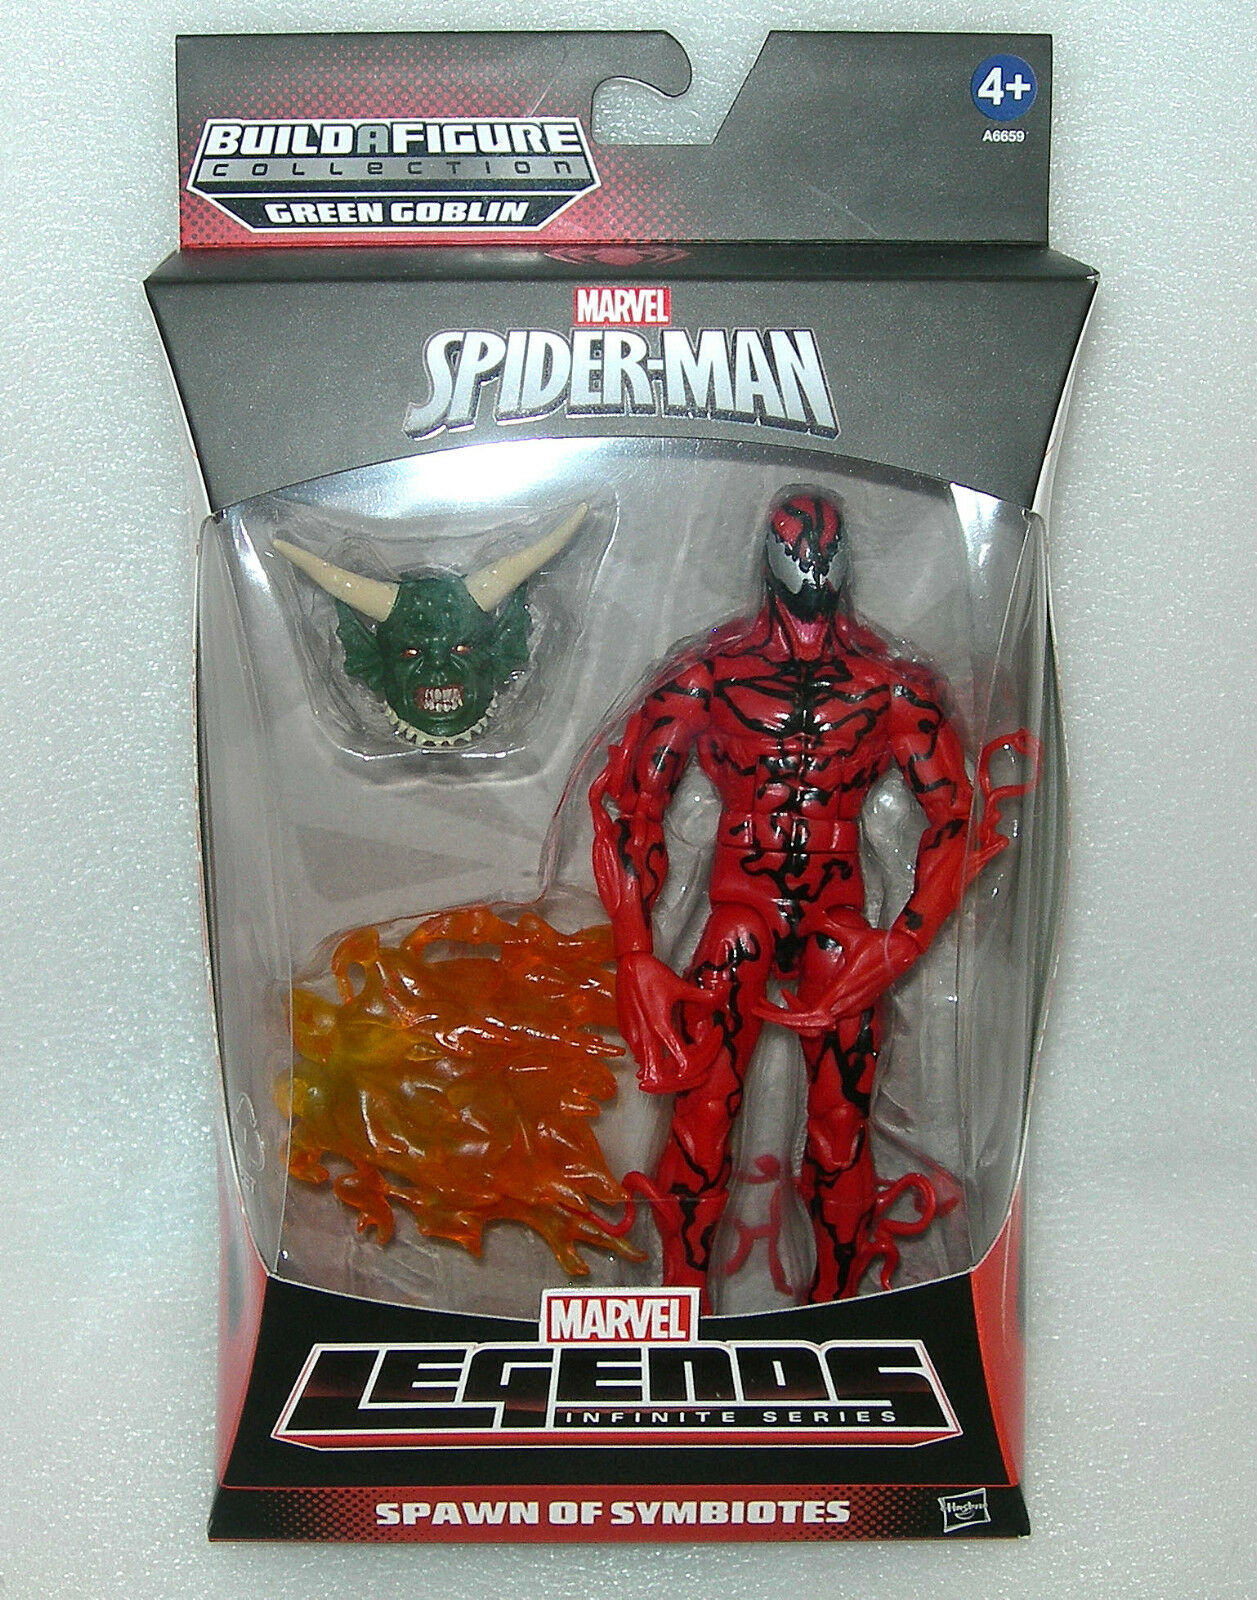 Marvel Legends Amazing Spider-Man Legends Marvel 6